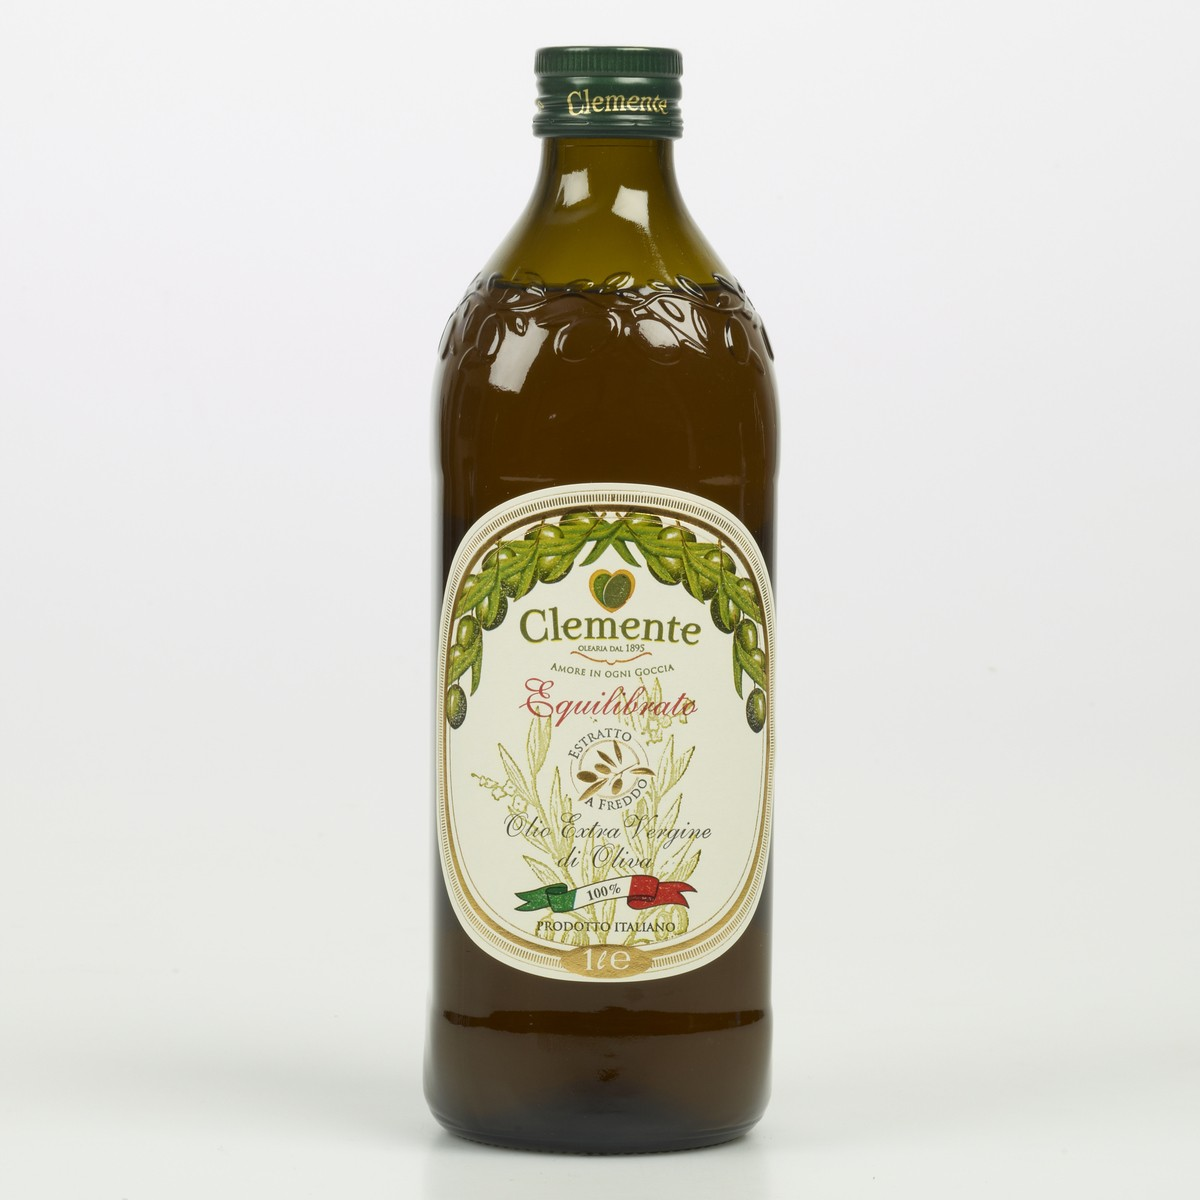 Clemente Olio extravergine d'oliva Equilibrato